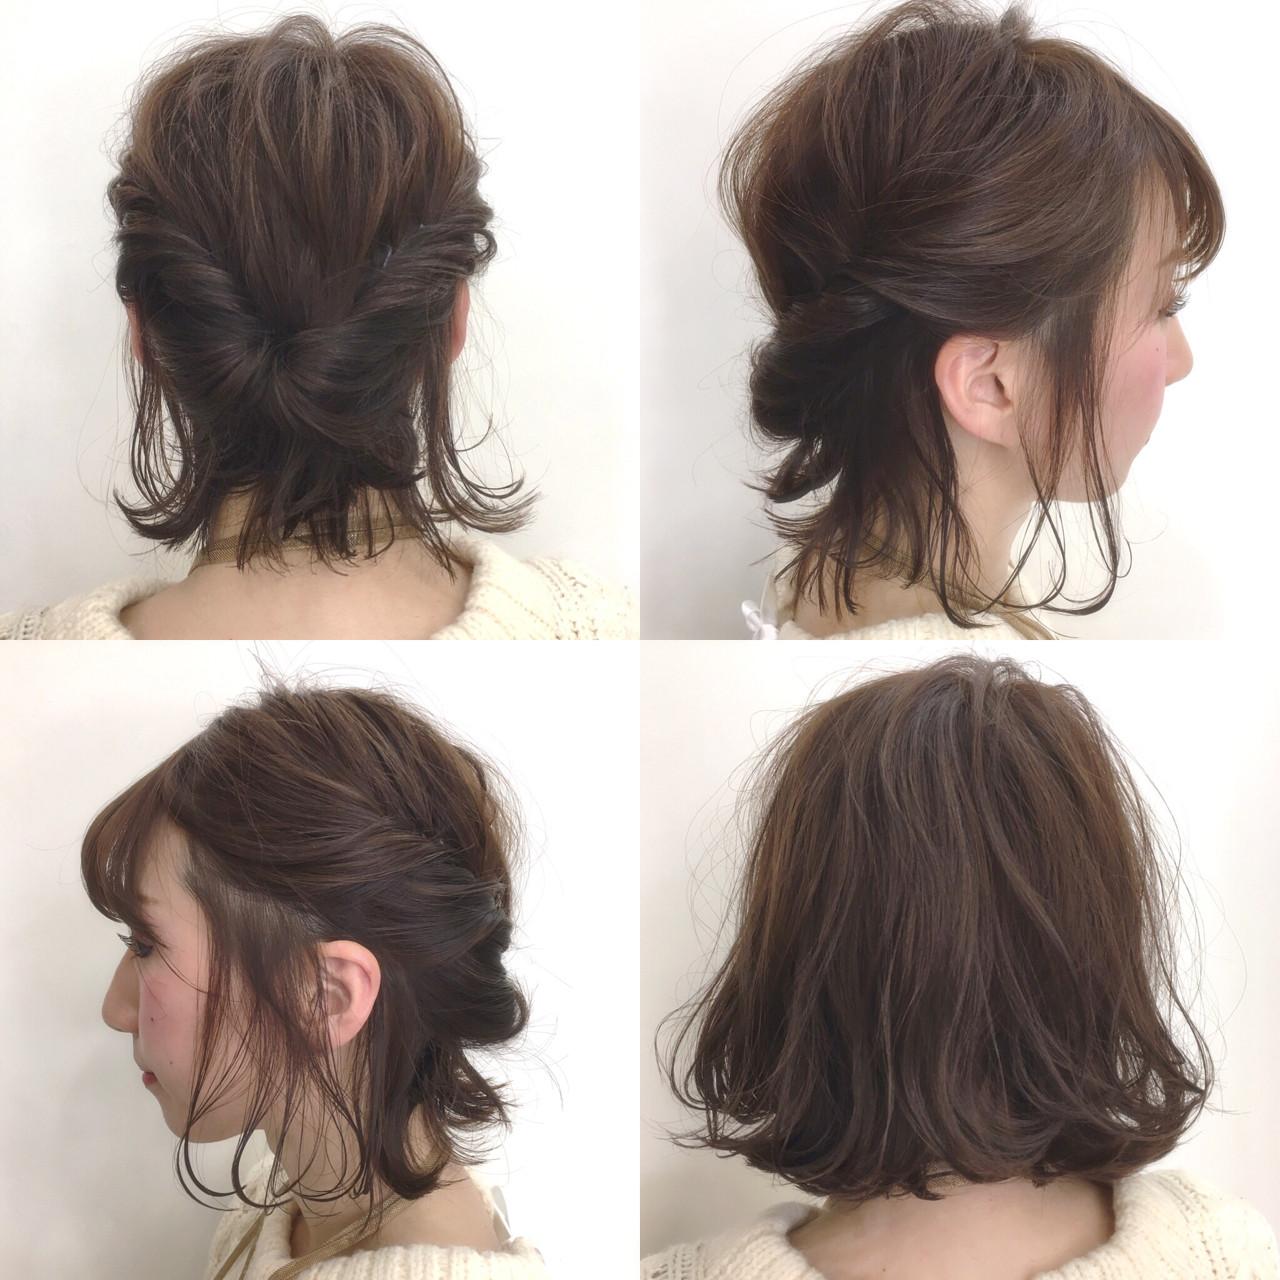 簡単に髪をまとめる方法とアレンジご紹介!ちゃちゃっとカワイクなっちゃう? 幸田寛生